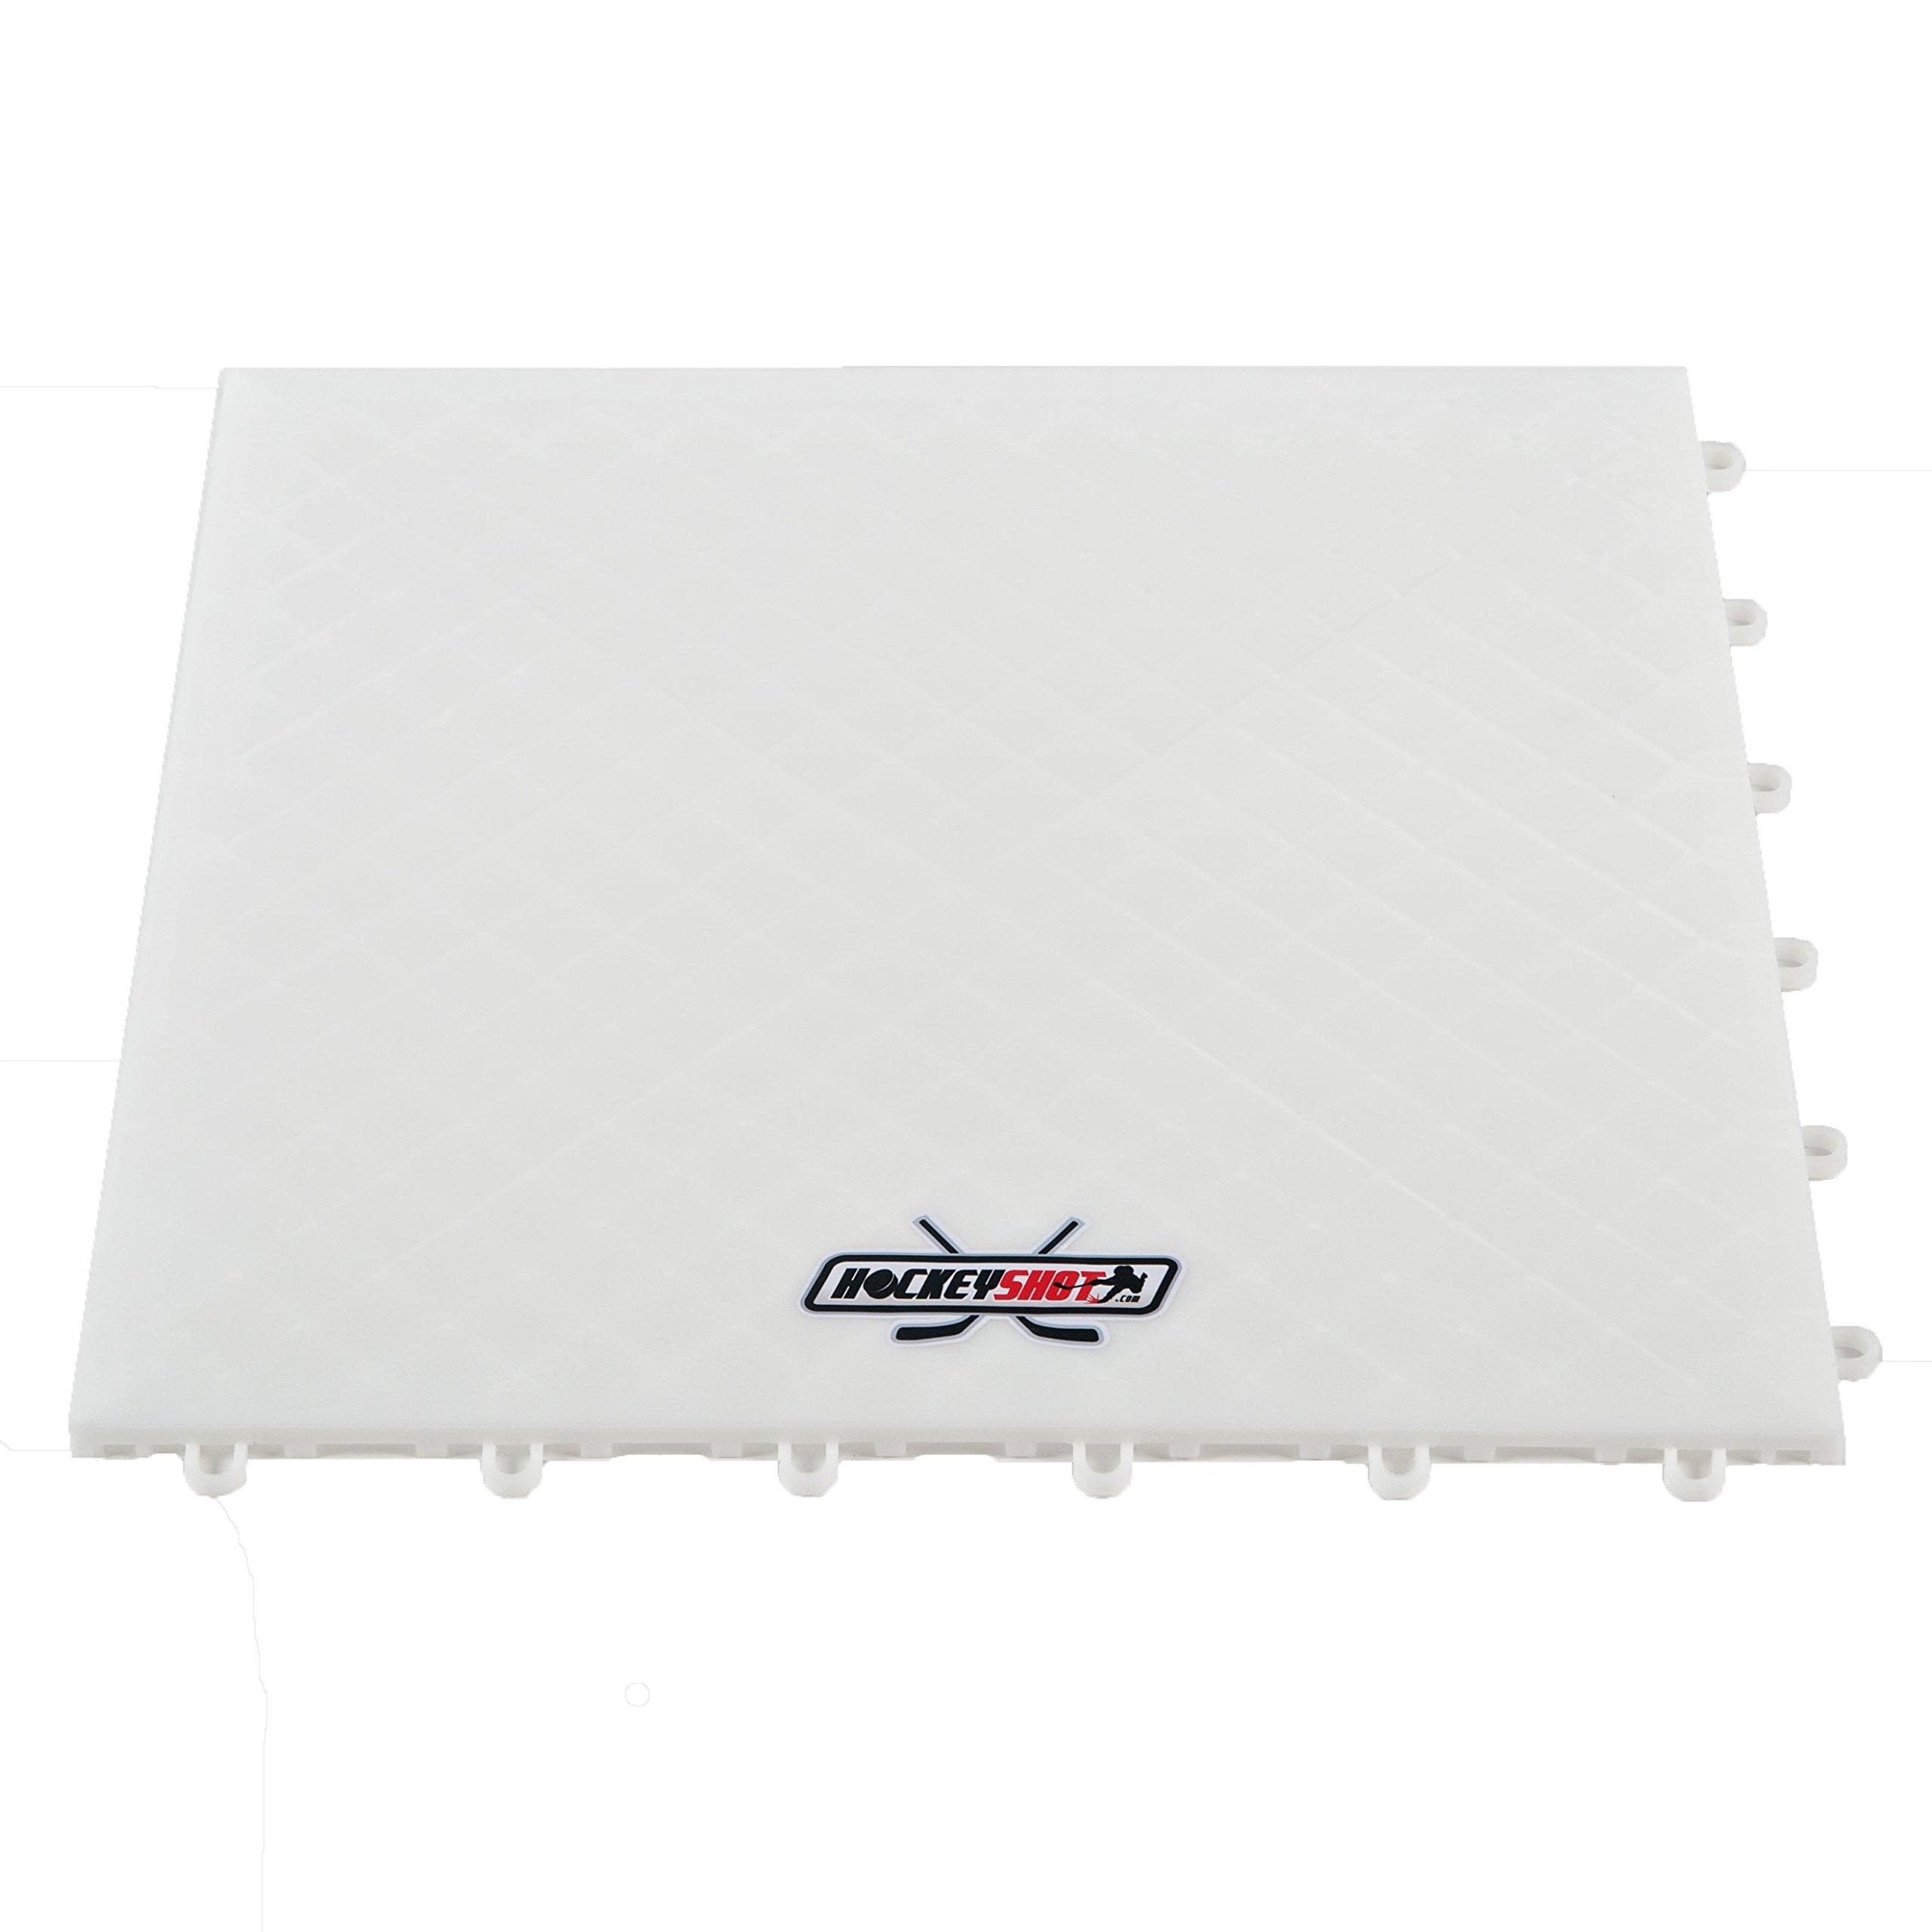 Buy Slick Tiles Dryland Hockey Flooring 20 12 By 12 Tiles White In